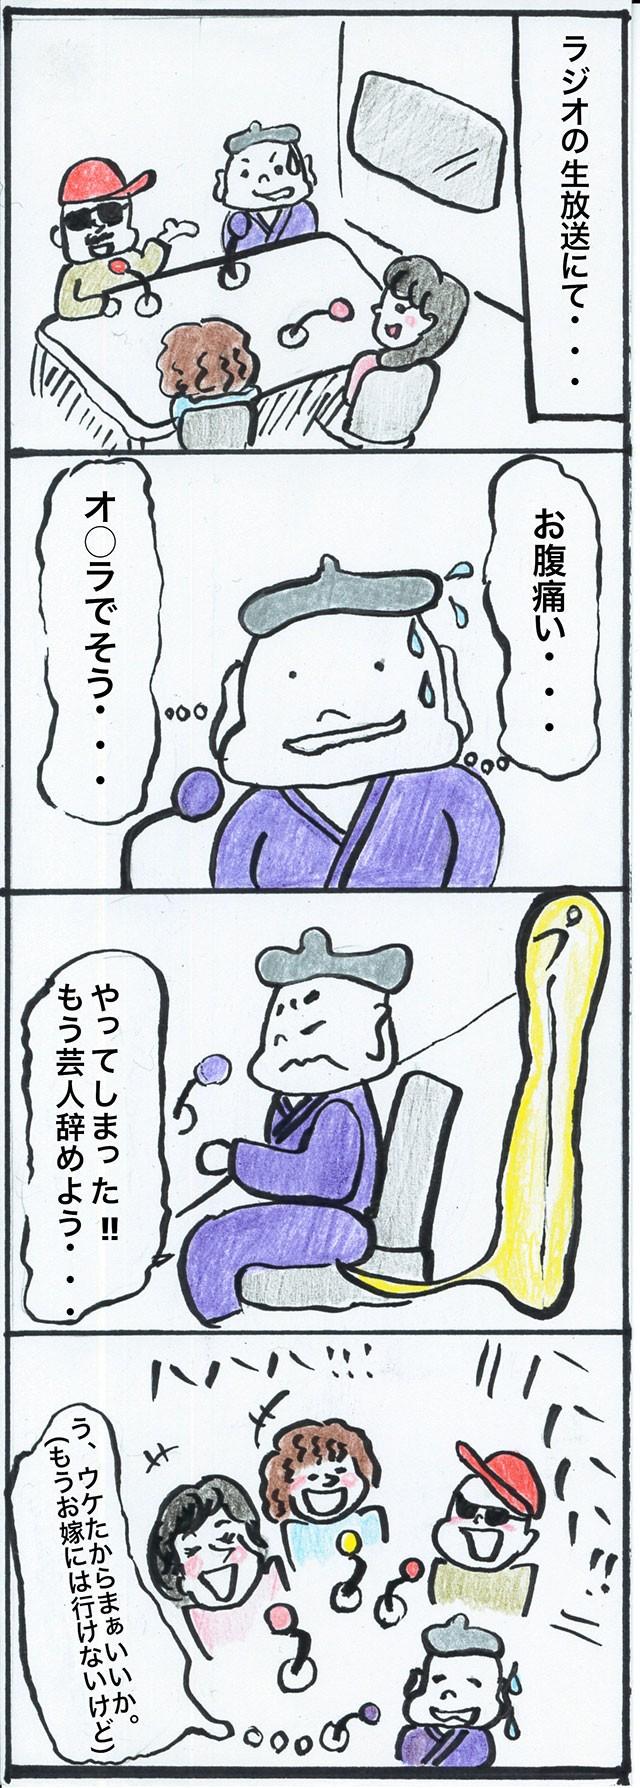 みほ とけ ちゃん みほとけ 所属タレント 浅井企画 タレント・芸人・文化人...